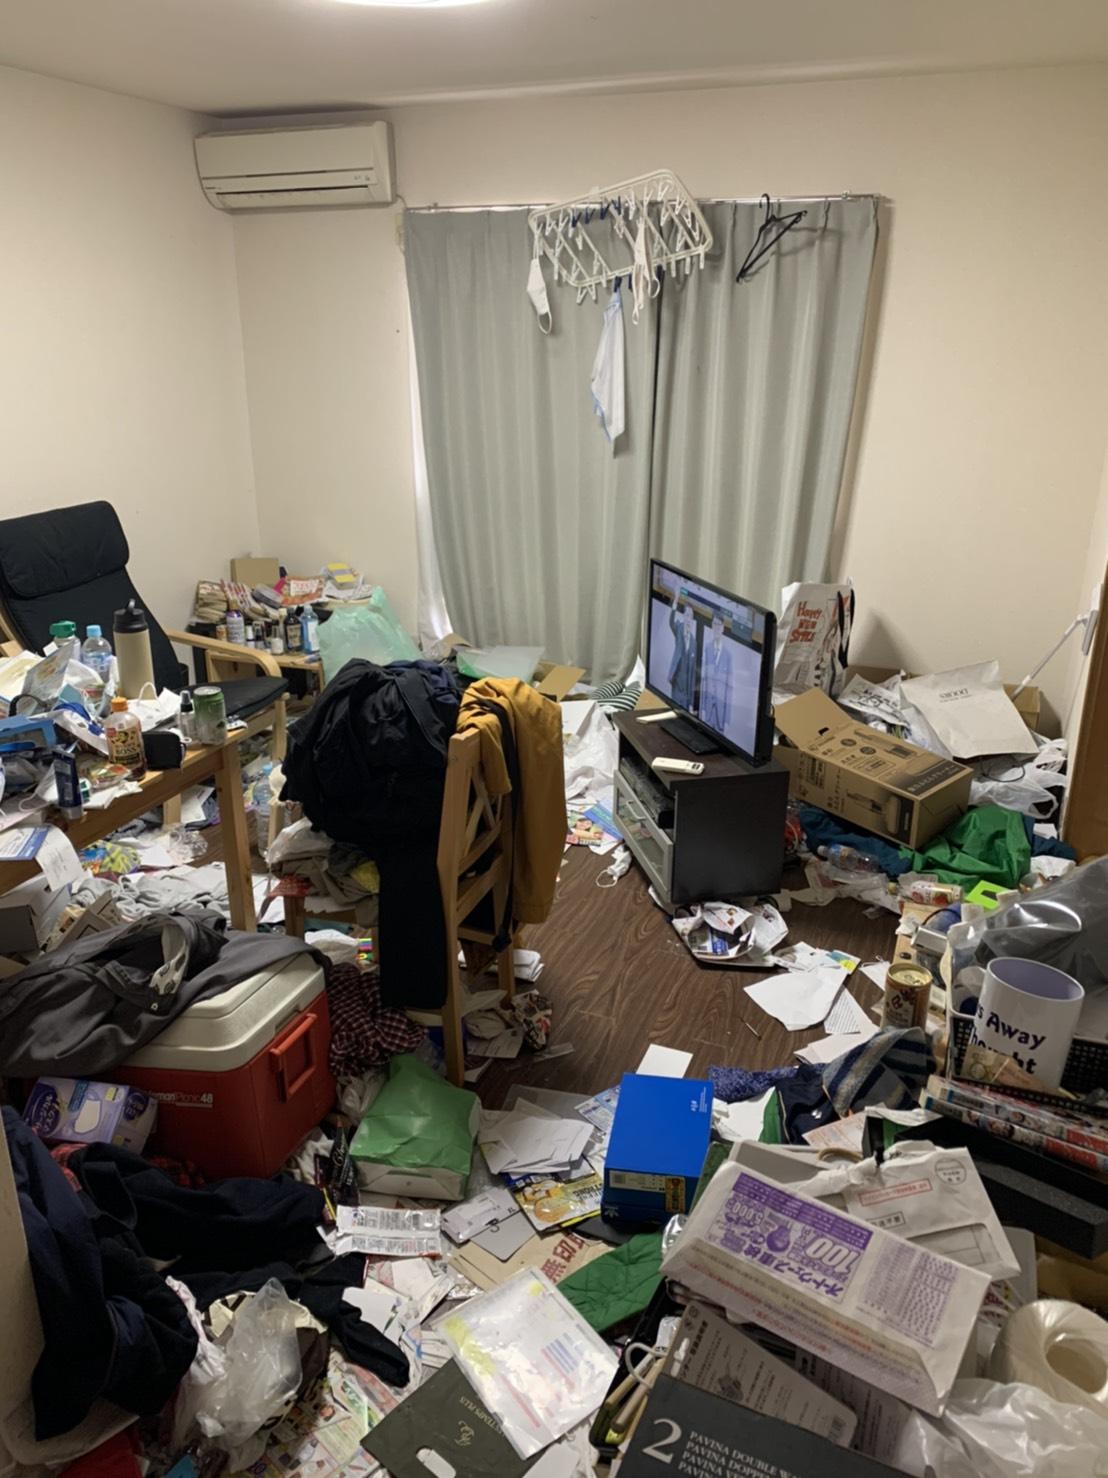 ゴミ屋敷片付け 横浜市